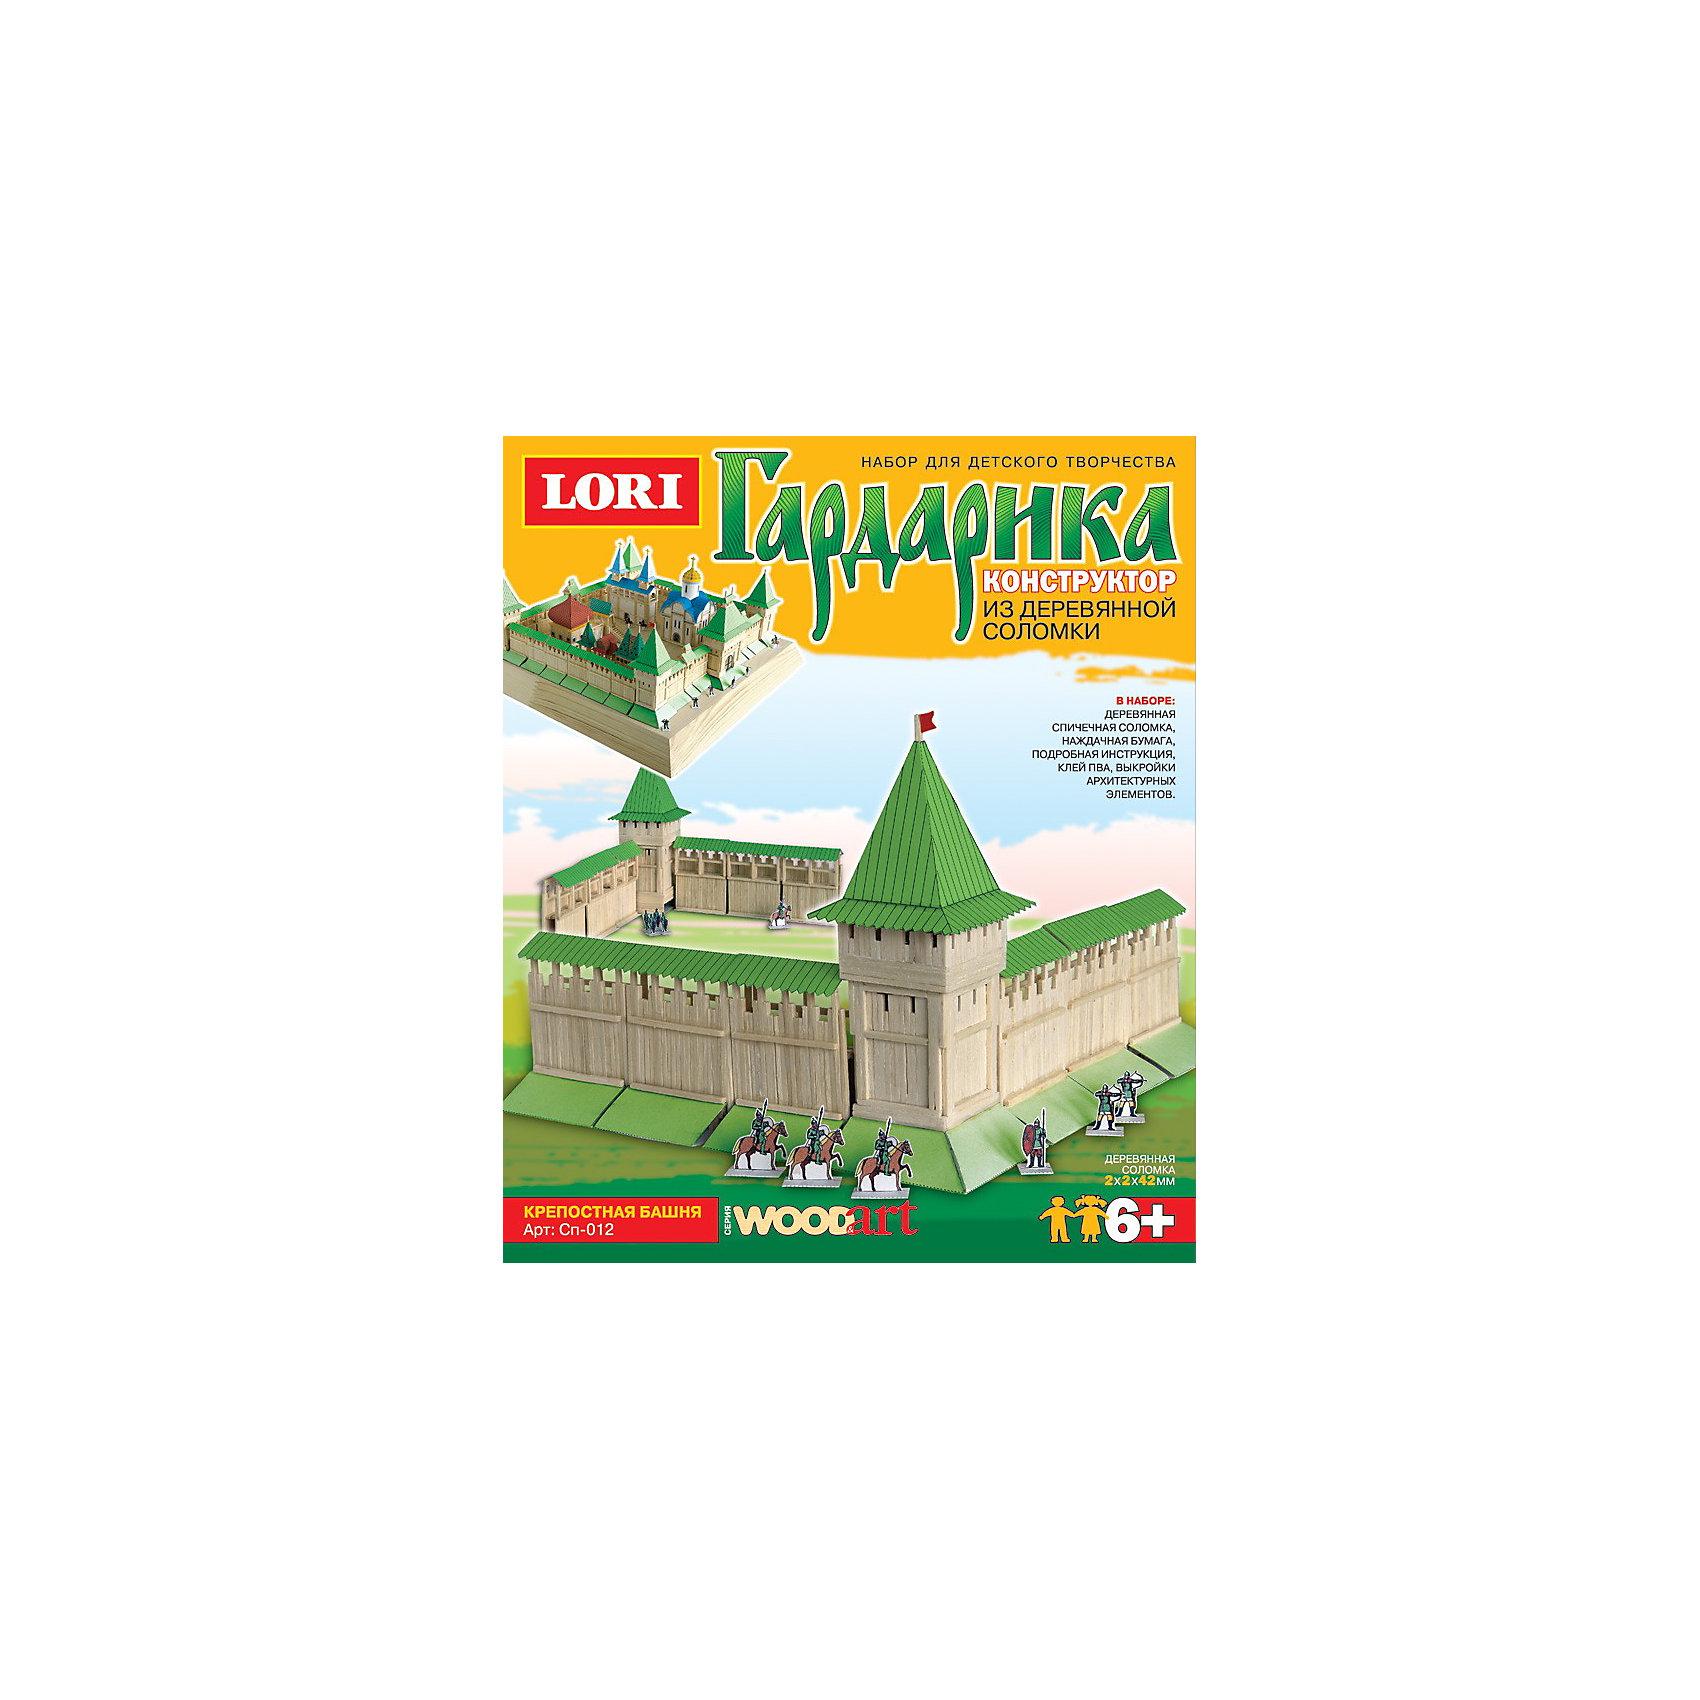 Конструктор из серии Гардарика Крепостная башня, LORIДеревянные модели<br>Конструктор из серии Гардарика Крепостная башня, LORI станет самым интересным занятием для Вашего малыша!<br>Наборы LORI  серии «Гардарика» интересны тем, что они взаимосвязаны друг с другом. Каждый набор предполагает изготовление трехмерной композиции. В итоге, если собрать все наборы этой серии, получится красивый деревянный город, один из городов древней Гардарики (прим. Гардарикой скандинавские племена называли Русь).<br>Собранный конструктор станет самым настоящим местом для игр, сюжет которых придумает сам ребенок. Немного фантазии - и игра с «Гардарикой» превратится в настоящее представление.<br>Поскольку серия имеет повышенный уровень сложности, при сборке конструктора ребенку понадобится помощь взрослых. А, как известно, совместные занятия детей и родителей положительно влияют на ребенка. Вместе с родителями он научиться «читать» схемы и чертежи, аккуратно склеивать деревянную соломку, радоваться результату своего труда. Занятия с набором развивают мелкую моторику и глазомер, воспитывают аккуратность, внимательность и усидчивость.<br><br>Дополнительная информация:<br><br>Размер: 220х189х50 мм.<br><br>Вес: 218 г.<br><br>Станет прекрасным развивающим подарком Вашему малышу!<br>Легко купить в нашем интернет-магазине!<br><br>Ширина мм: 220<br>Глубина мм: 189<br>Высота мм: 50<br>Вес г: 218<br>Возраст от месяцев: 72<br>Возраст до месяцев: 144<br>Пол: Мужской<br>Возраст: Детский<br>SKU: 3376688